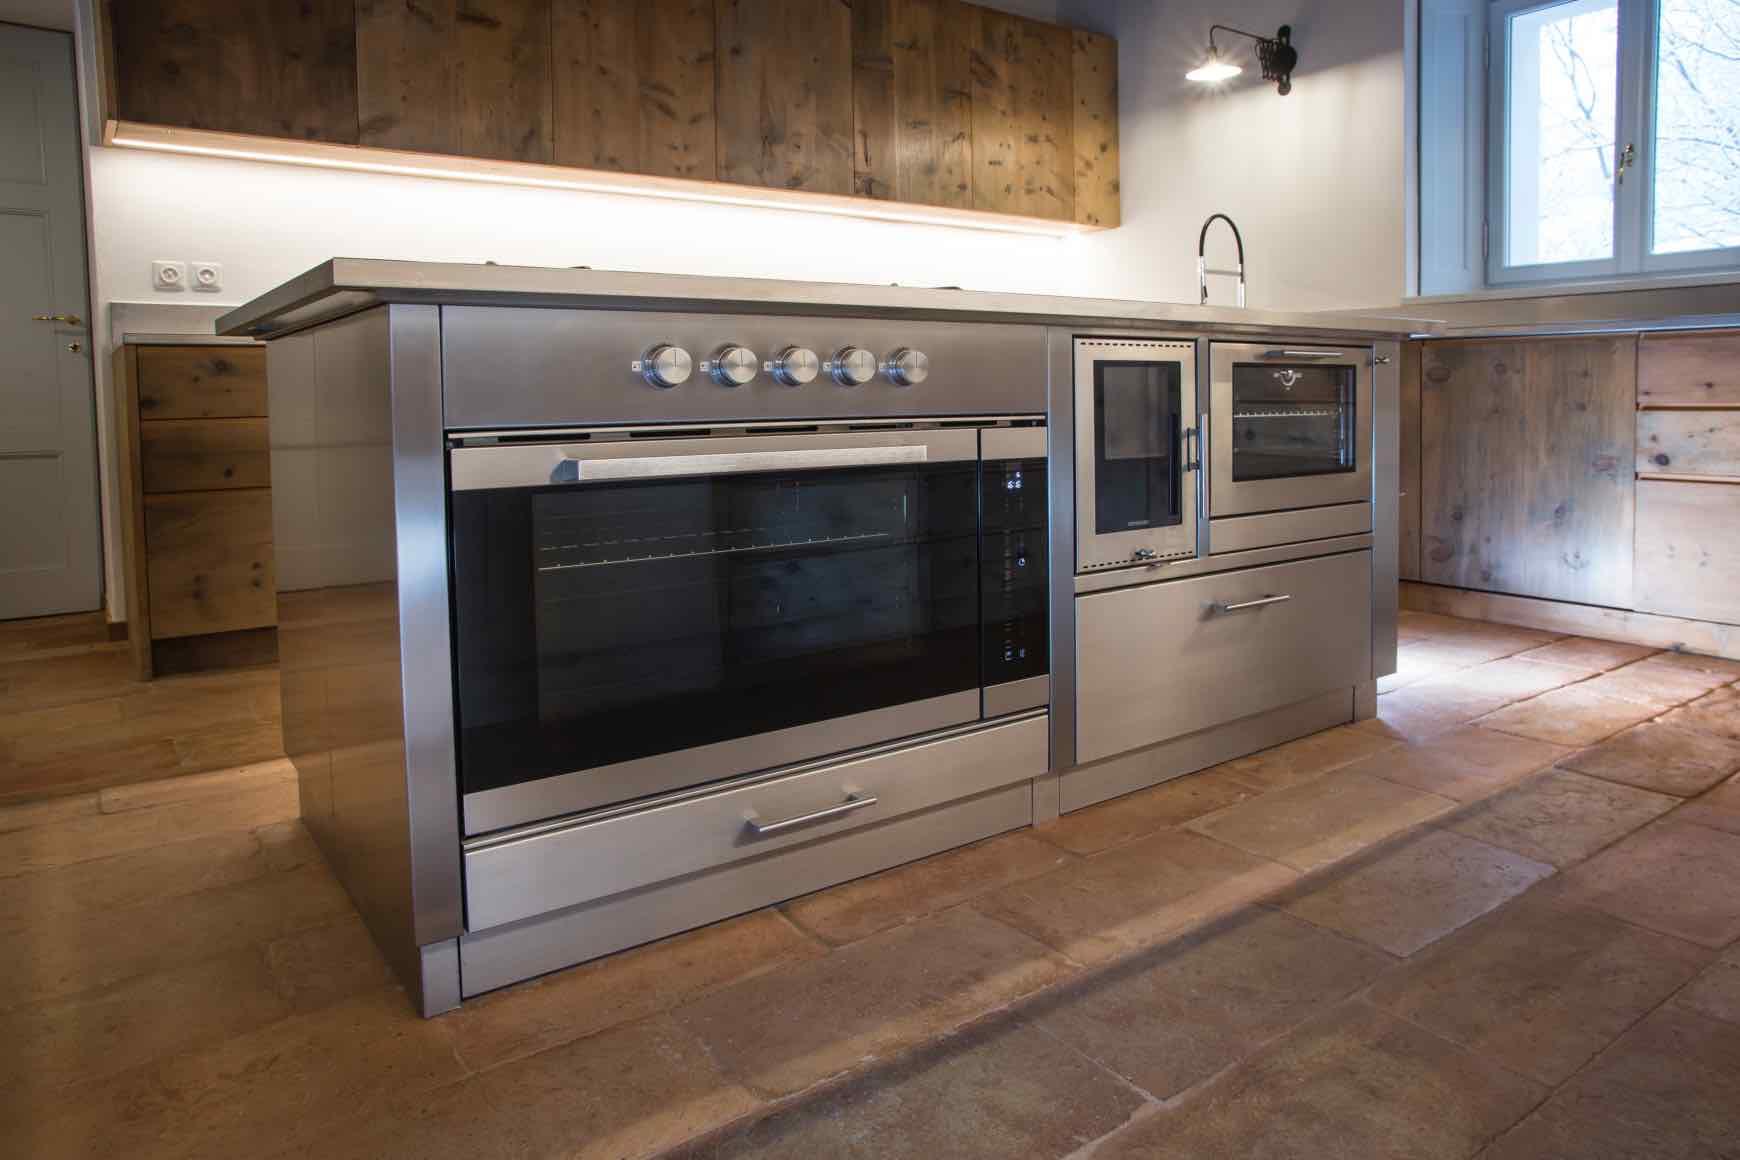 Cucina moderna a legna prometeo stufe - Forno a legna cucina moderna ...